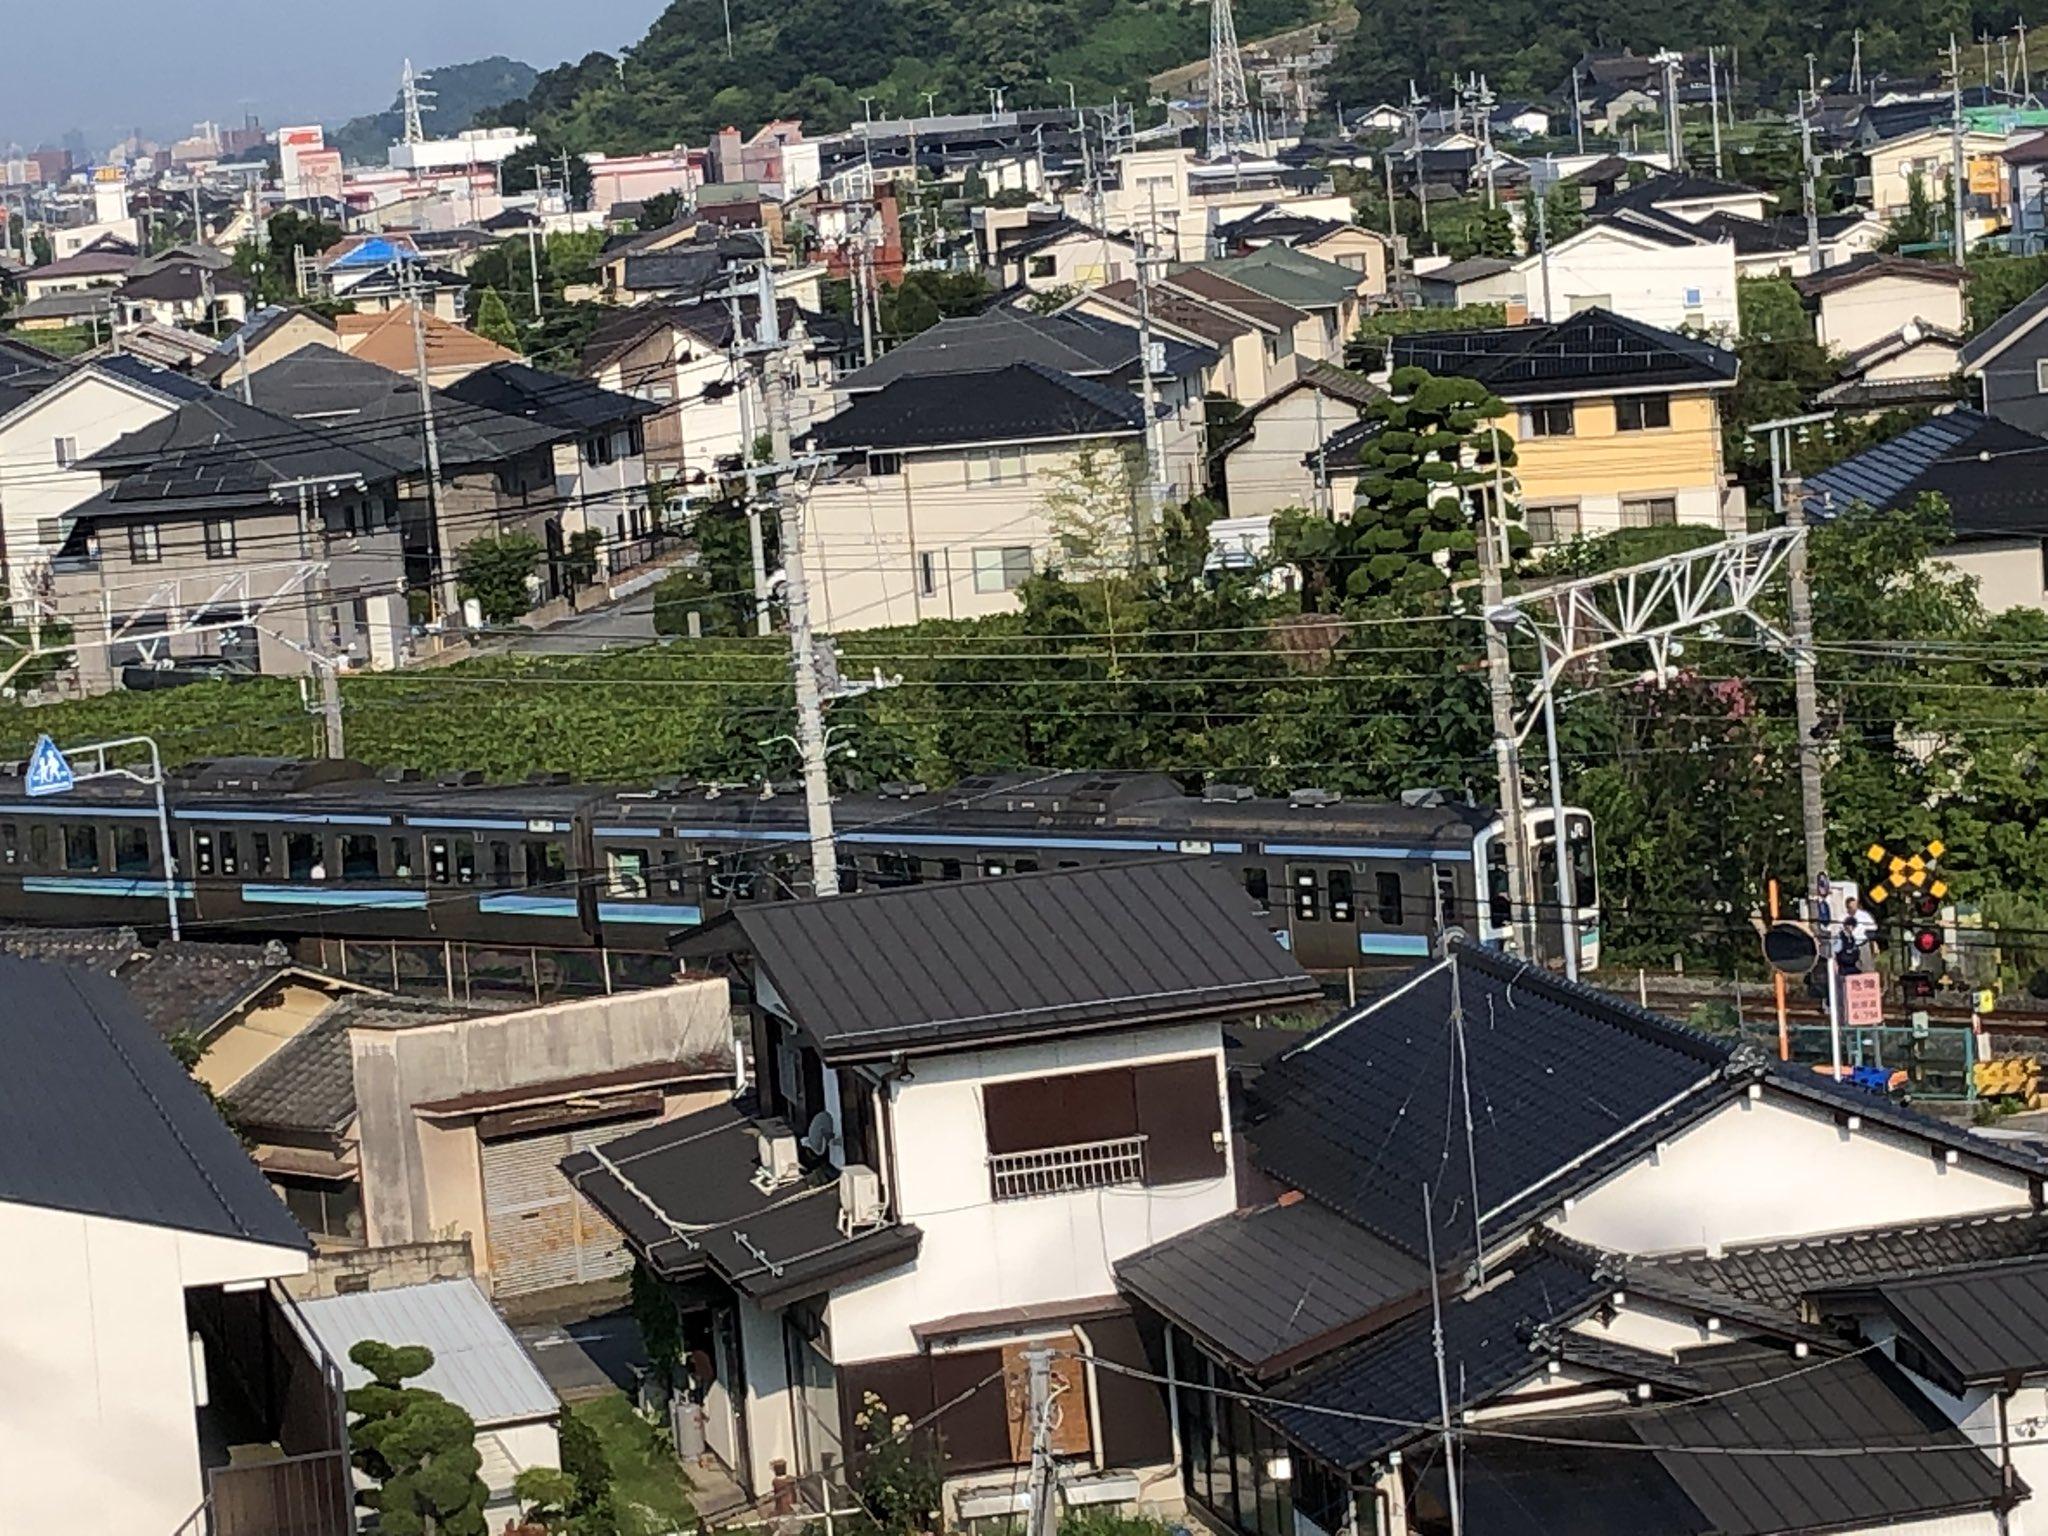 中央本線の春日居町駅~石和温泉駅間の踏切で人身事故が起きた現場の画像